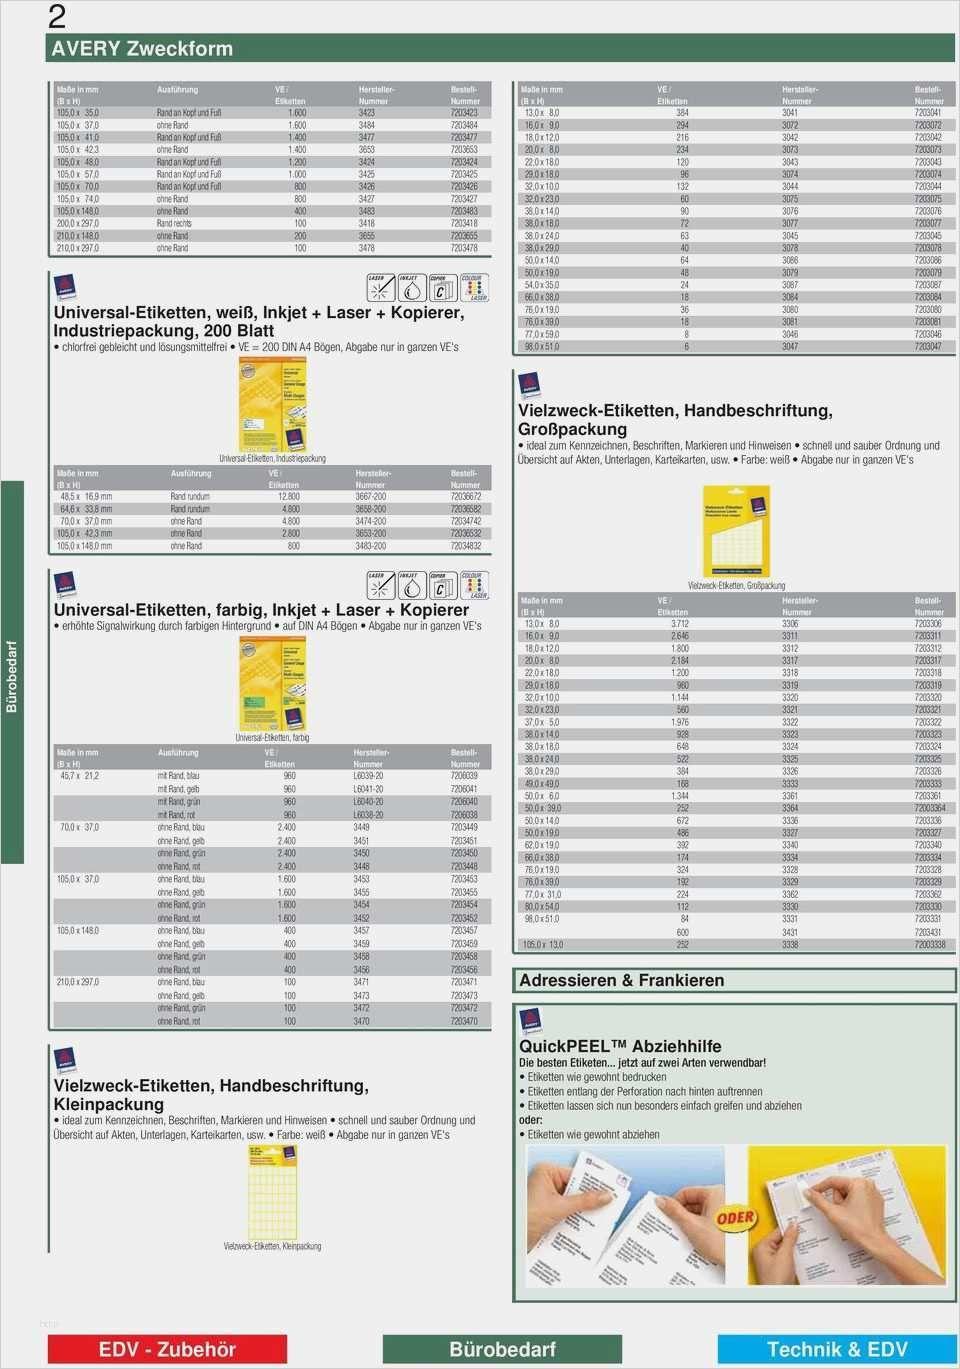 Angenehm Lieferschein Vorlage Blanko Pdf Bilder In 2020 Vorlagen Lebenslauf Vorlagen Word Excel Vorlage